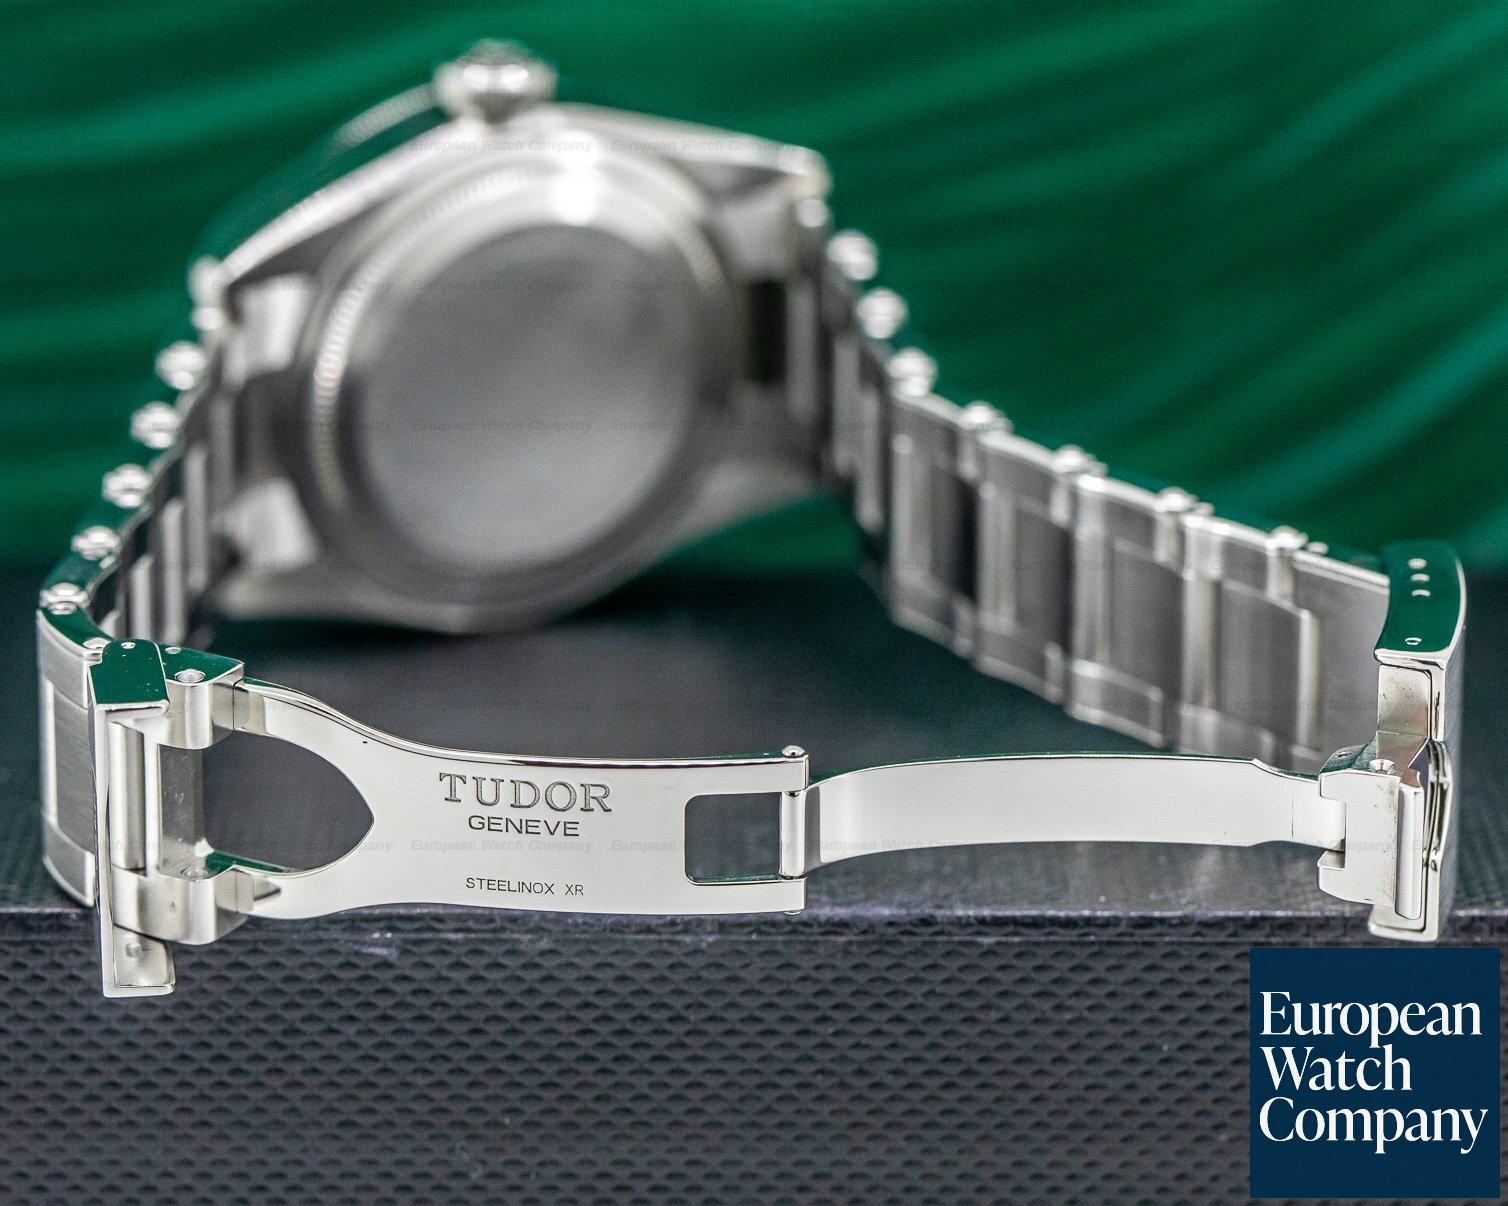 Tudor 79830RB Tudor Heritage Black Bay GMT / Bracelet